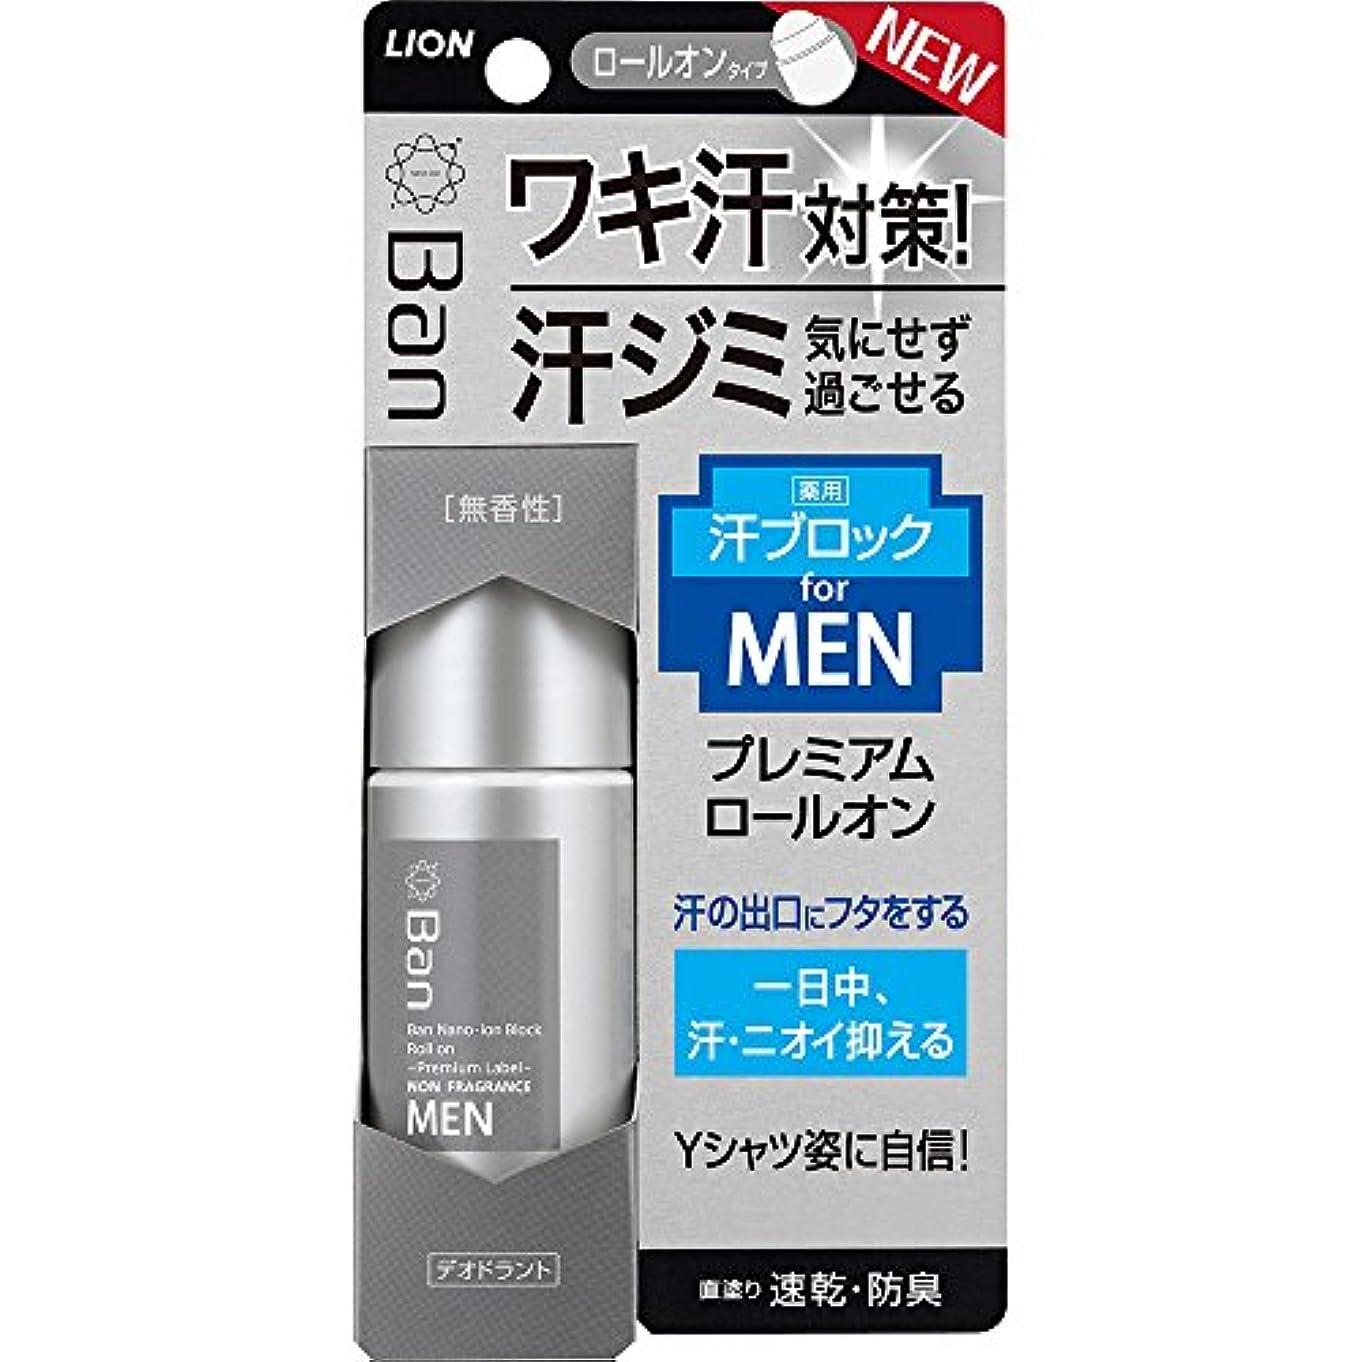 エンドテーブル魅了するトレイBan(バン) 汗ブロックロールオン プレミアムラベル 男性用 無香性 40ml(医薬部外品)